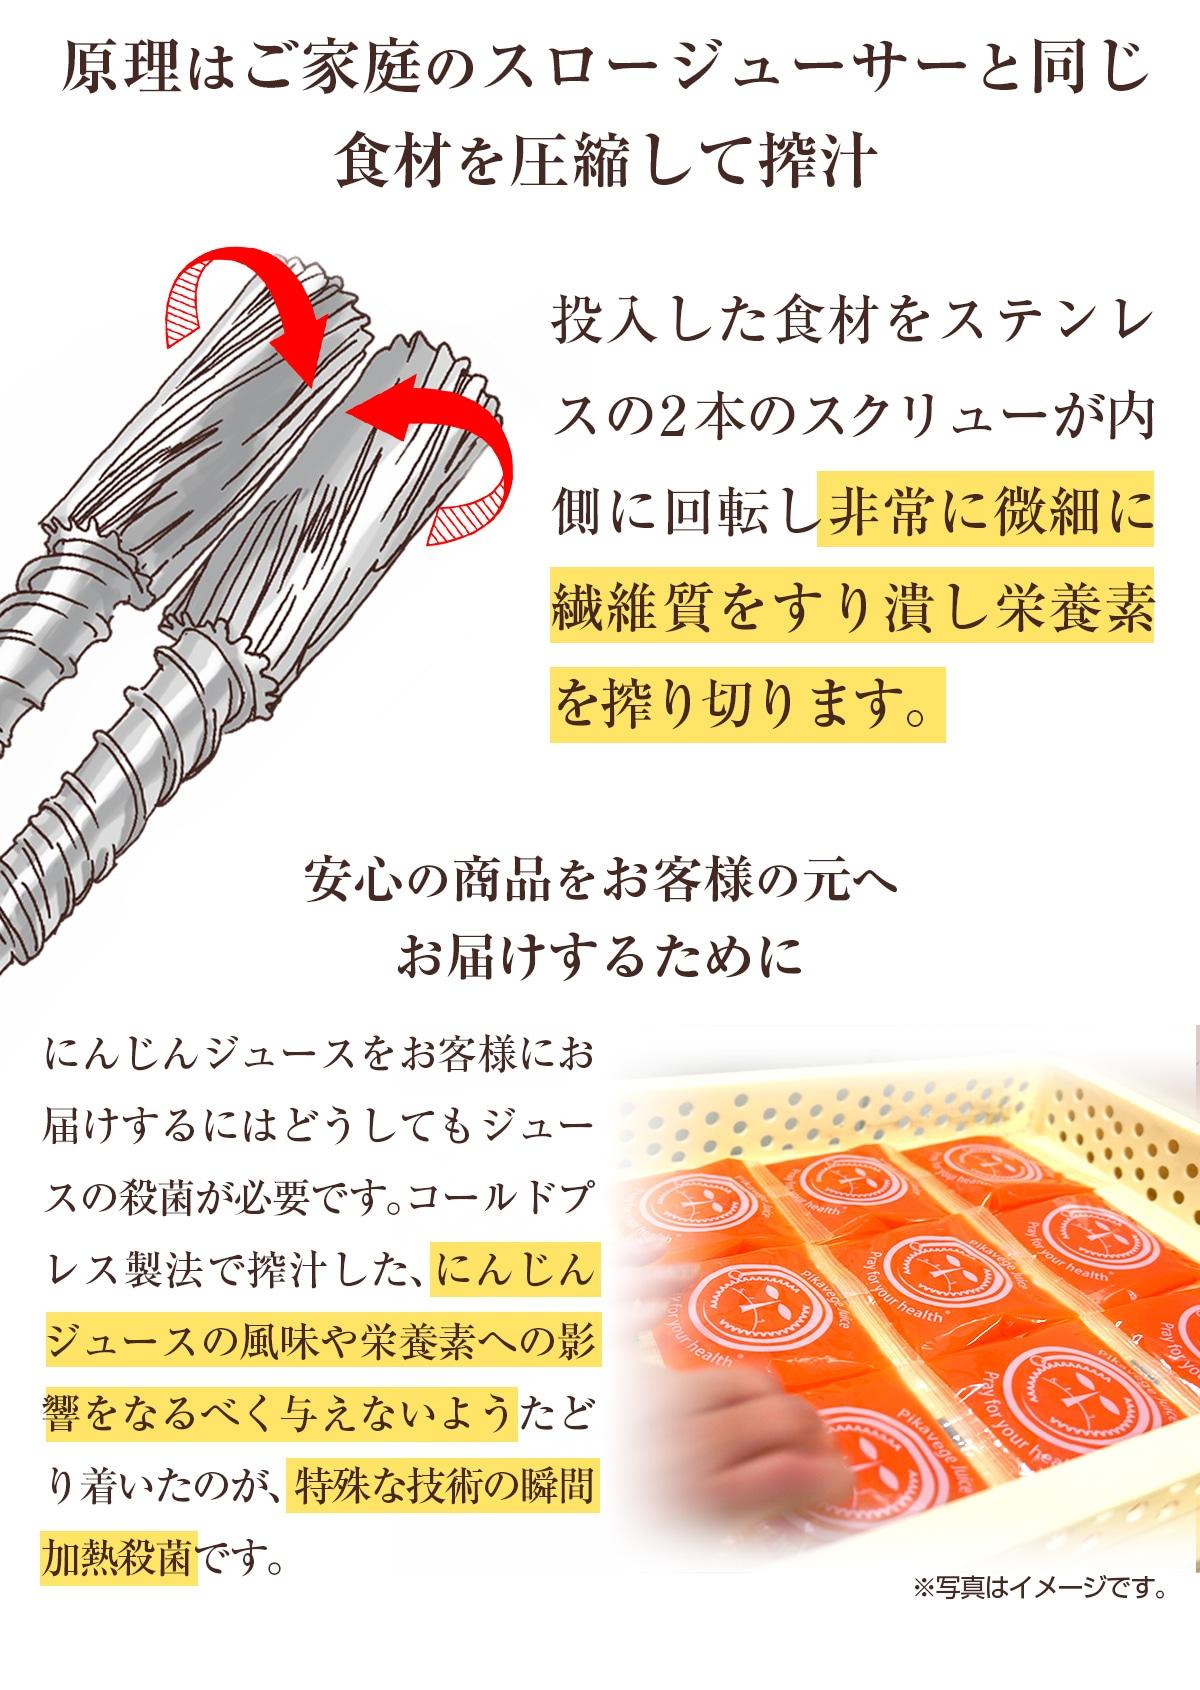 原理はご家庭のスロージューサーと同じ食材を圧縮して搾汁